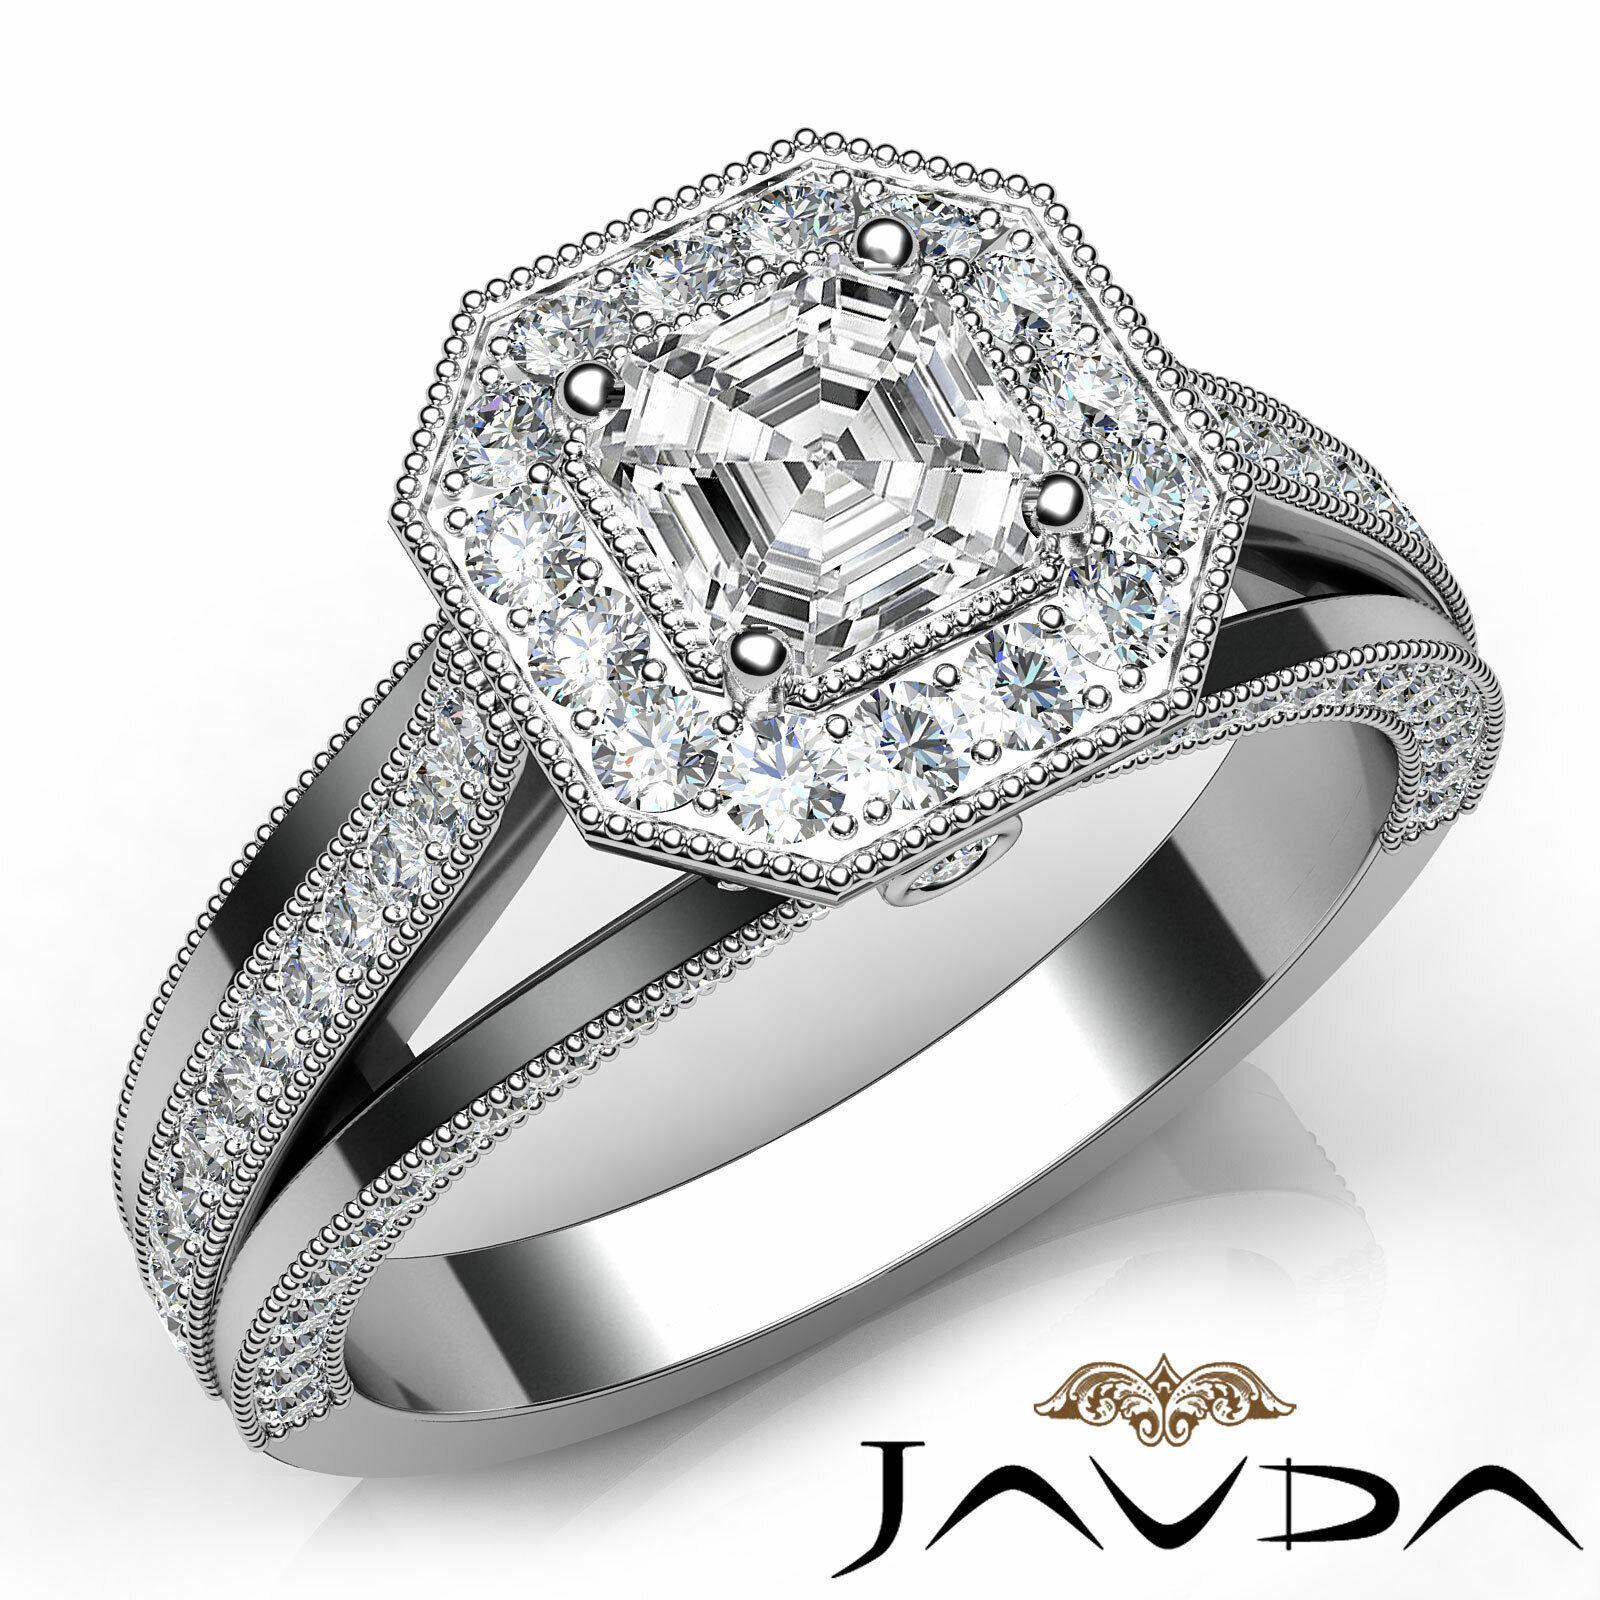 Asscher Cut Halo Pave Set Diamond Engagement Ring GIA G Color VS1 Platinum 1.4Ct